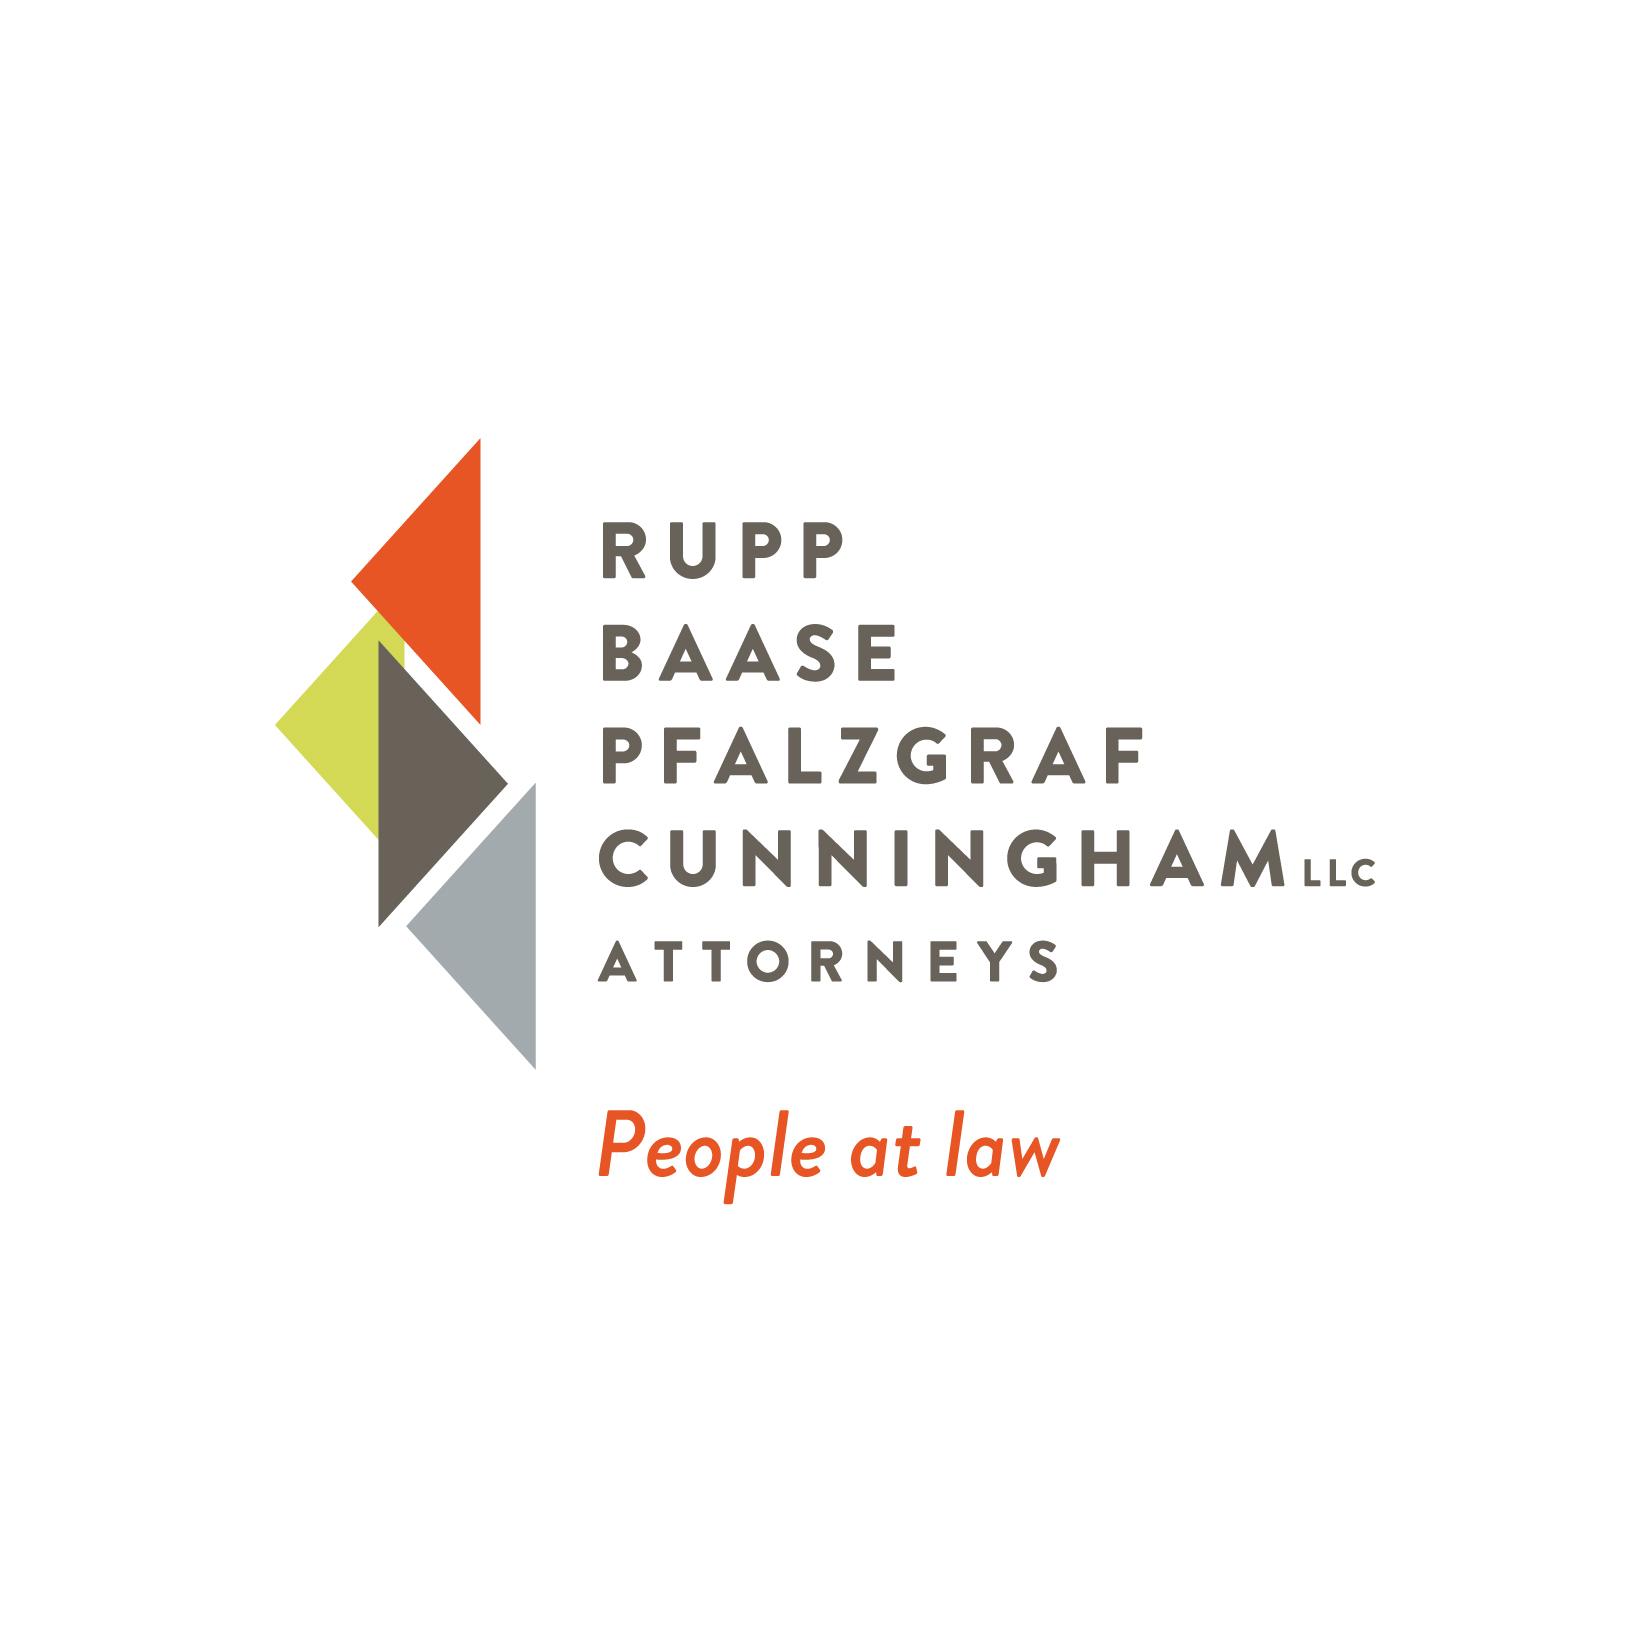 Rupp Baase Pfalzgraf Cunningham LLC logo